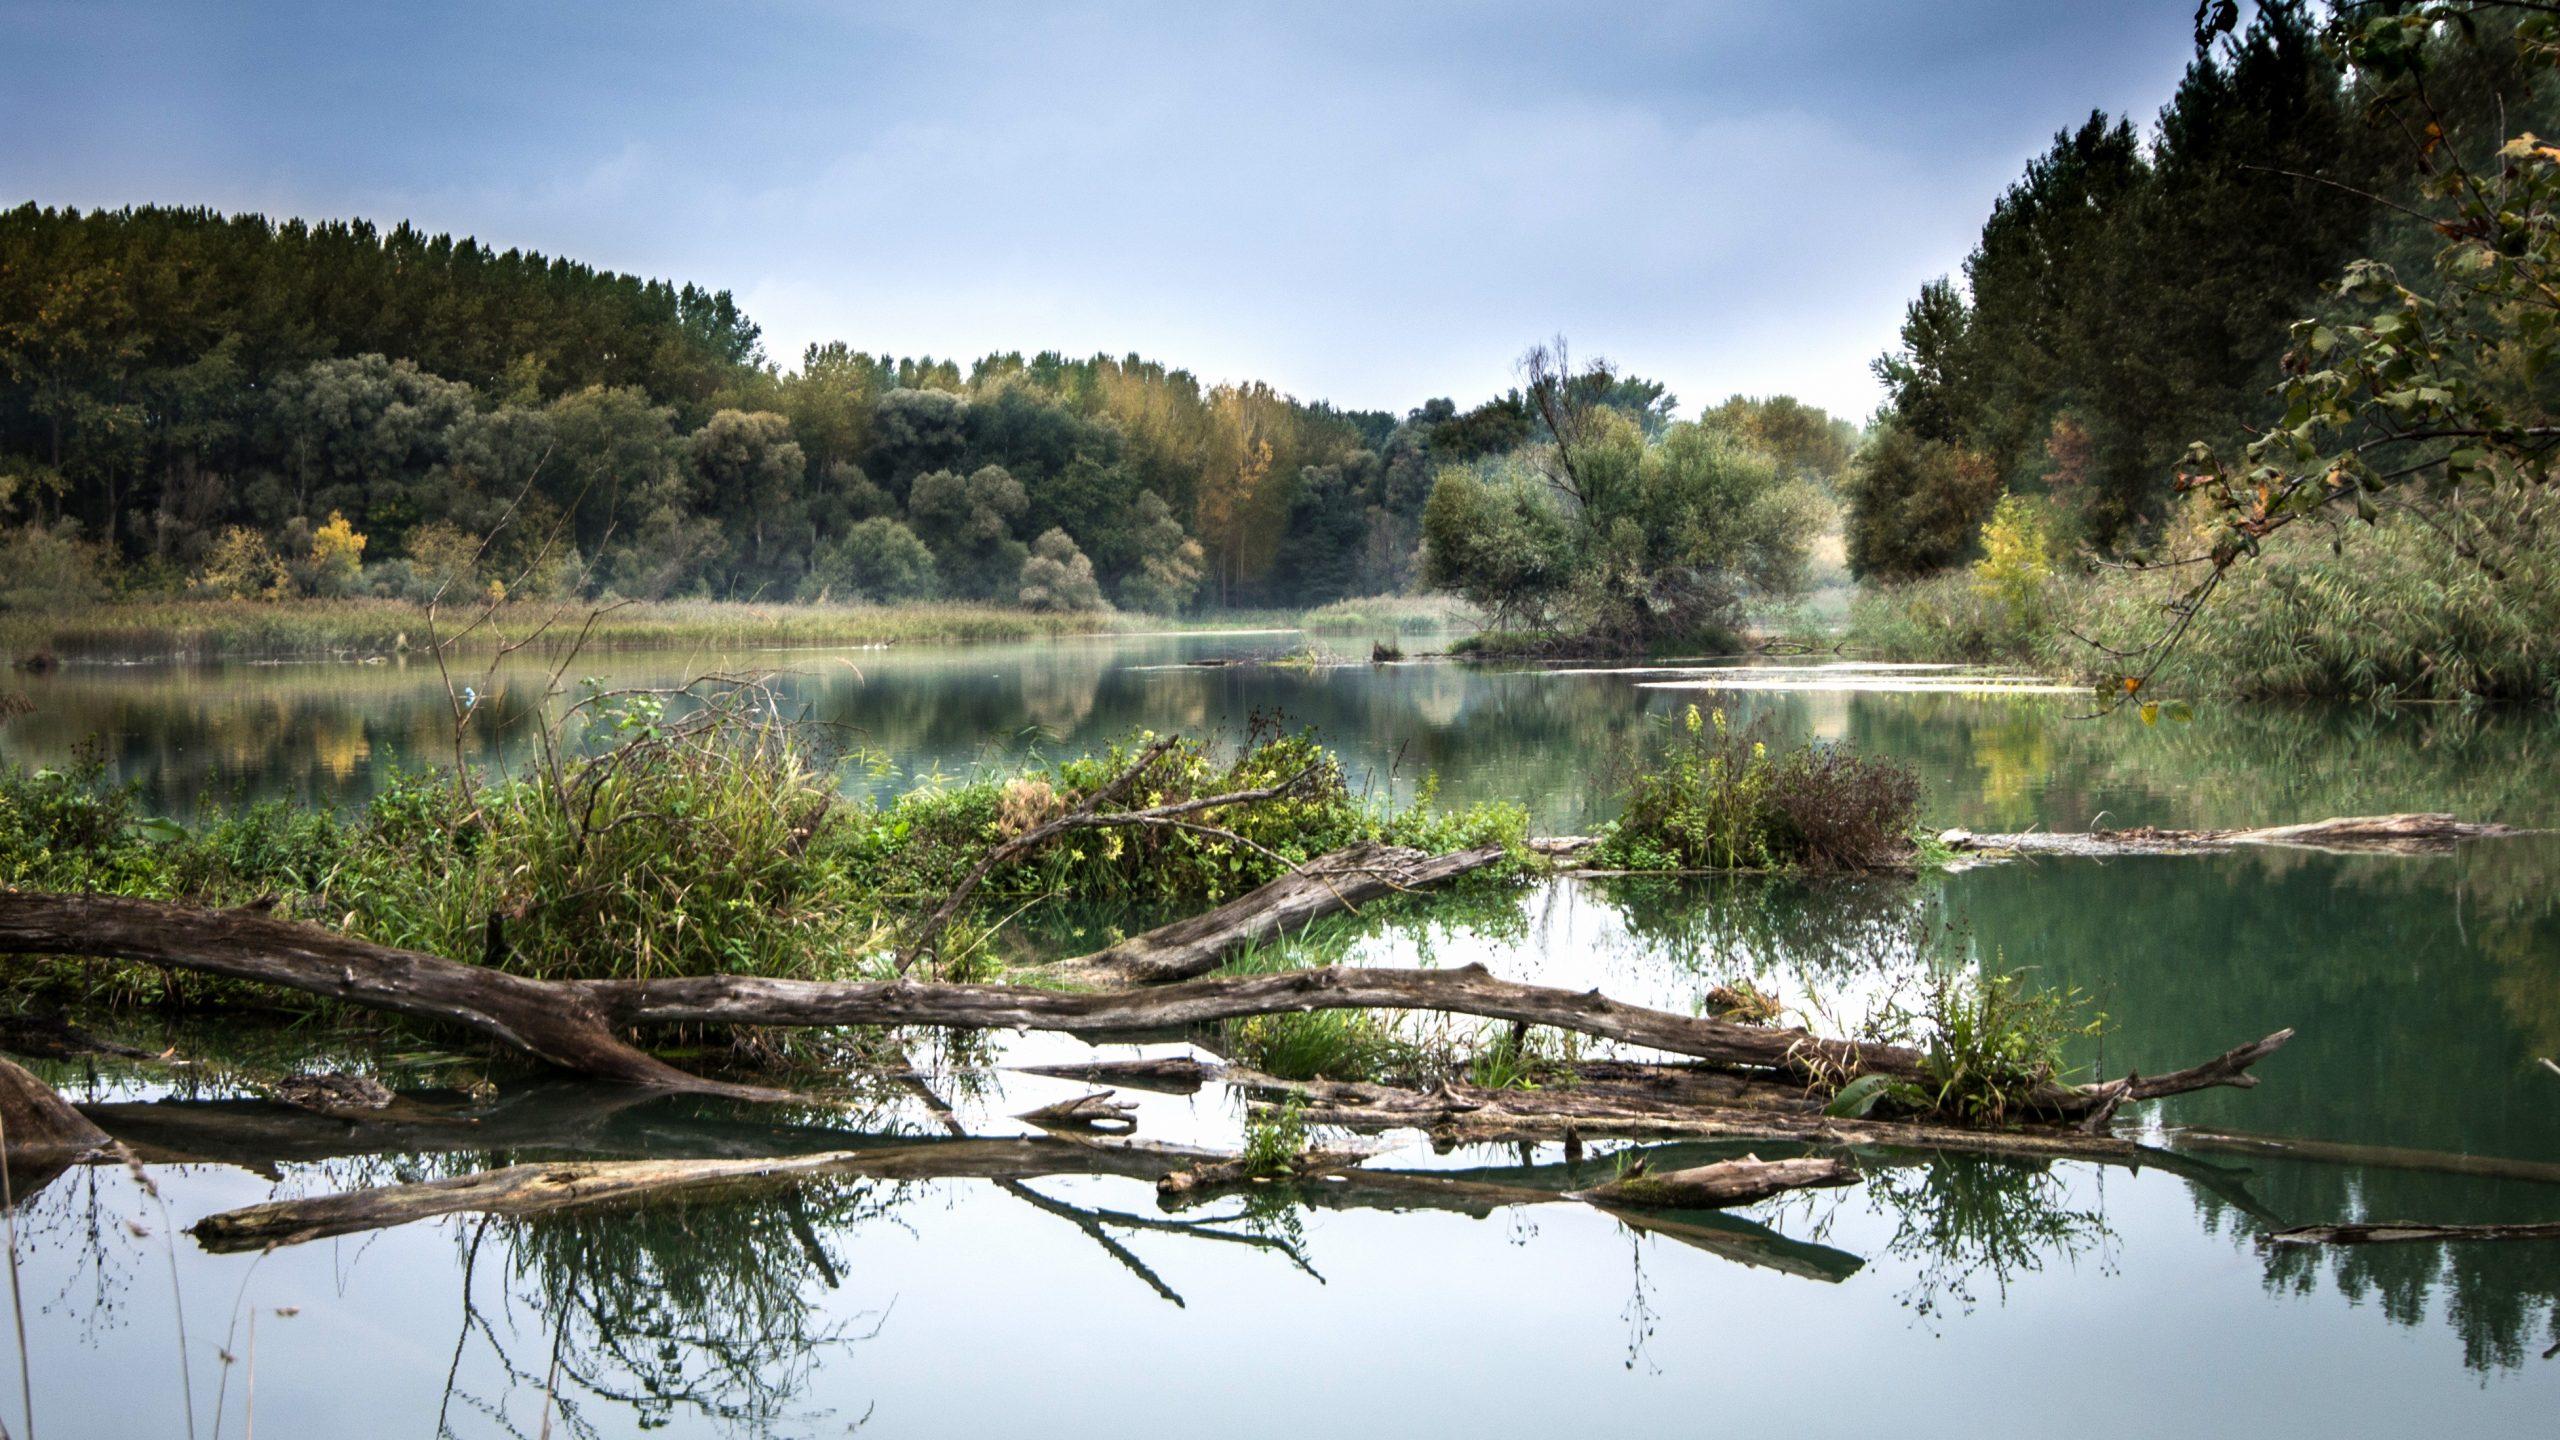 Die Stiftung Myclimate hat das Reisebüro Mittelthurgau als Vorreiter ganzheitlich nachhaltiger Flusskreuzfahrten ausgezeichnet.